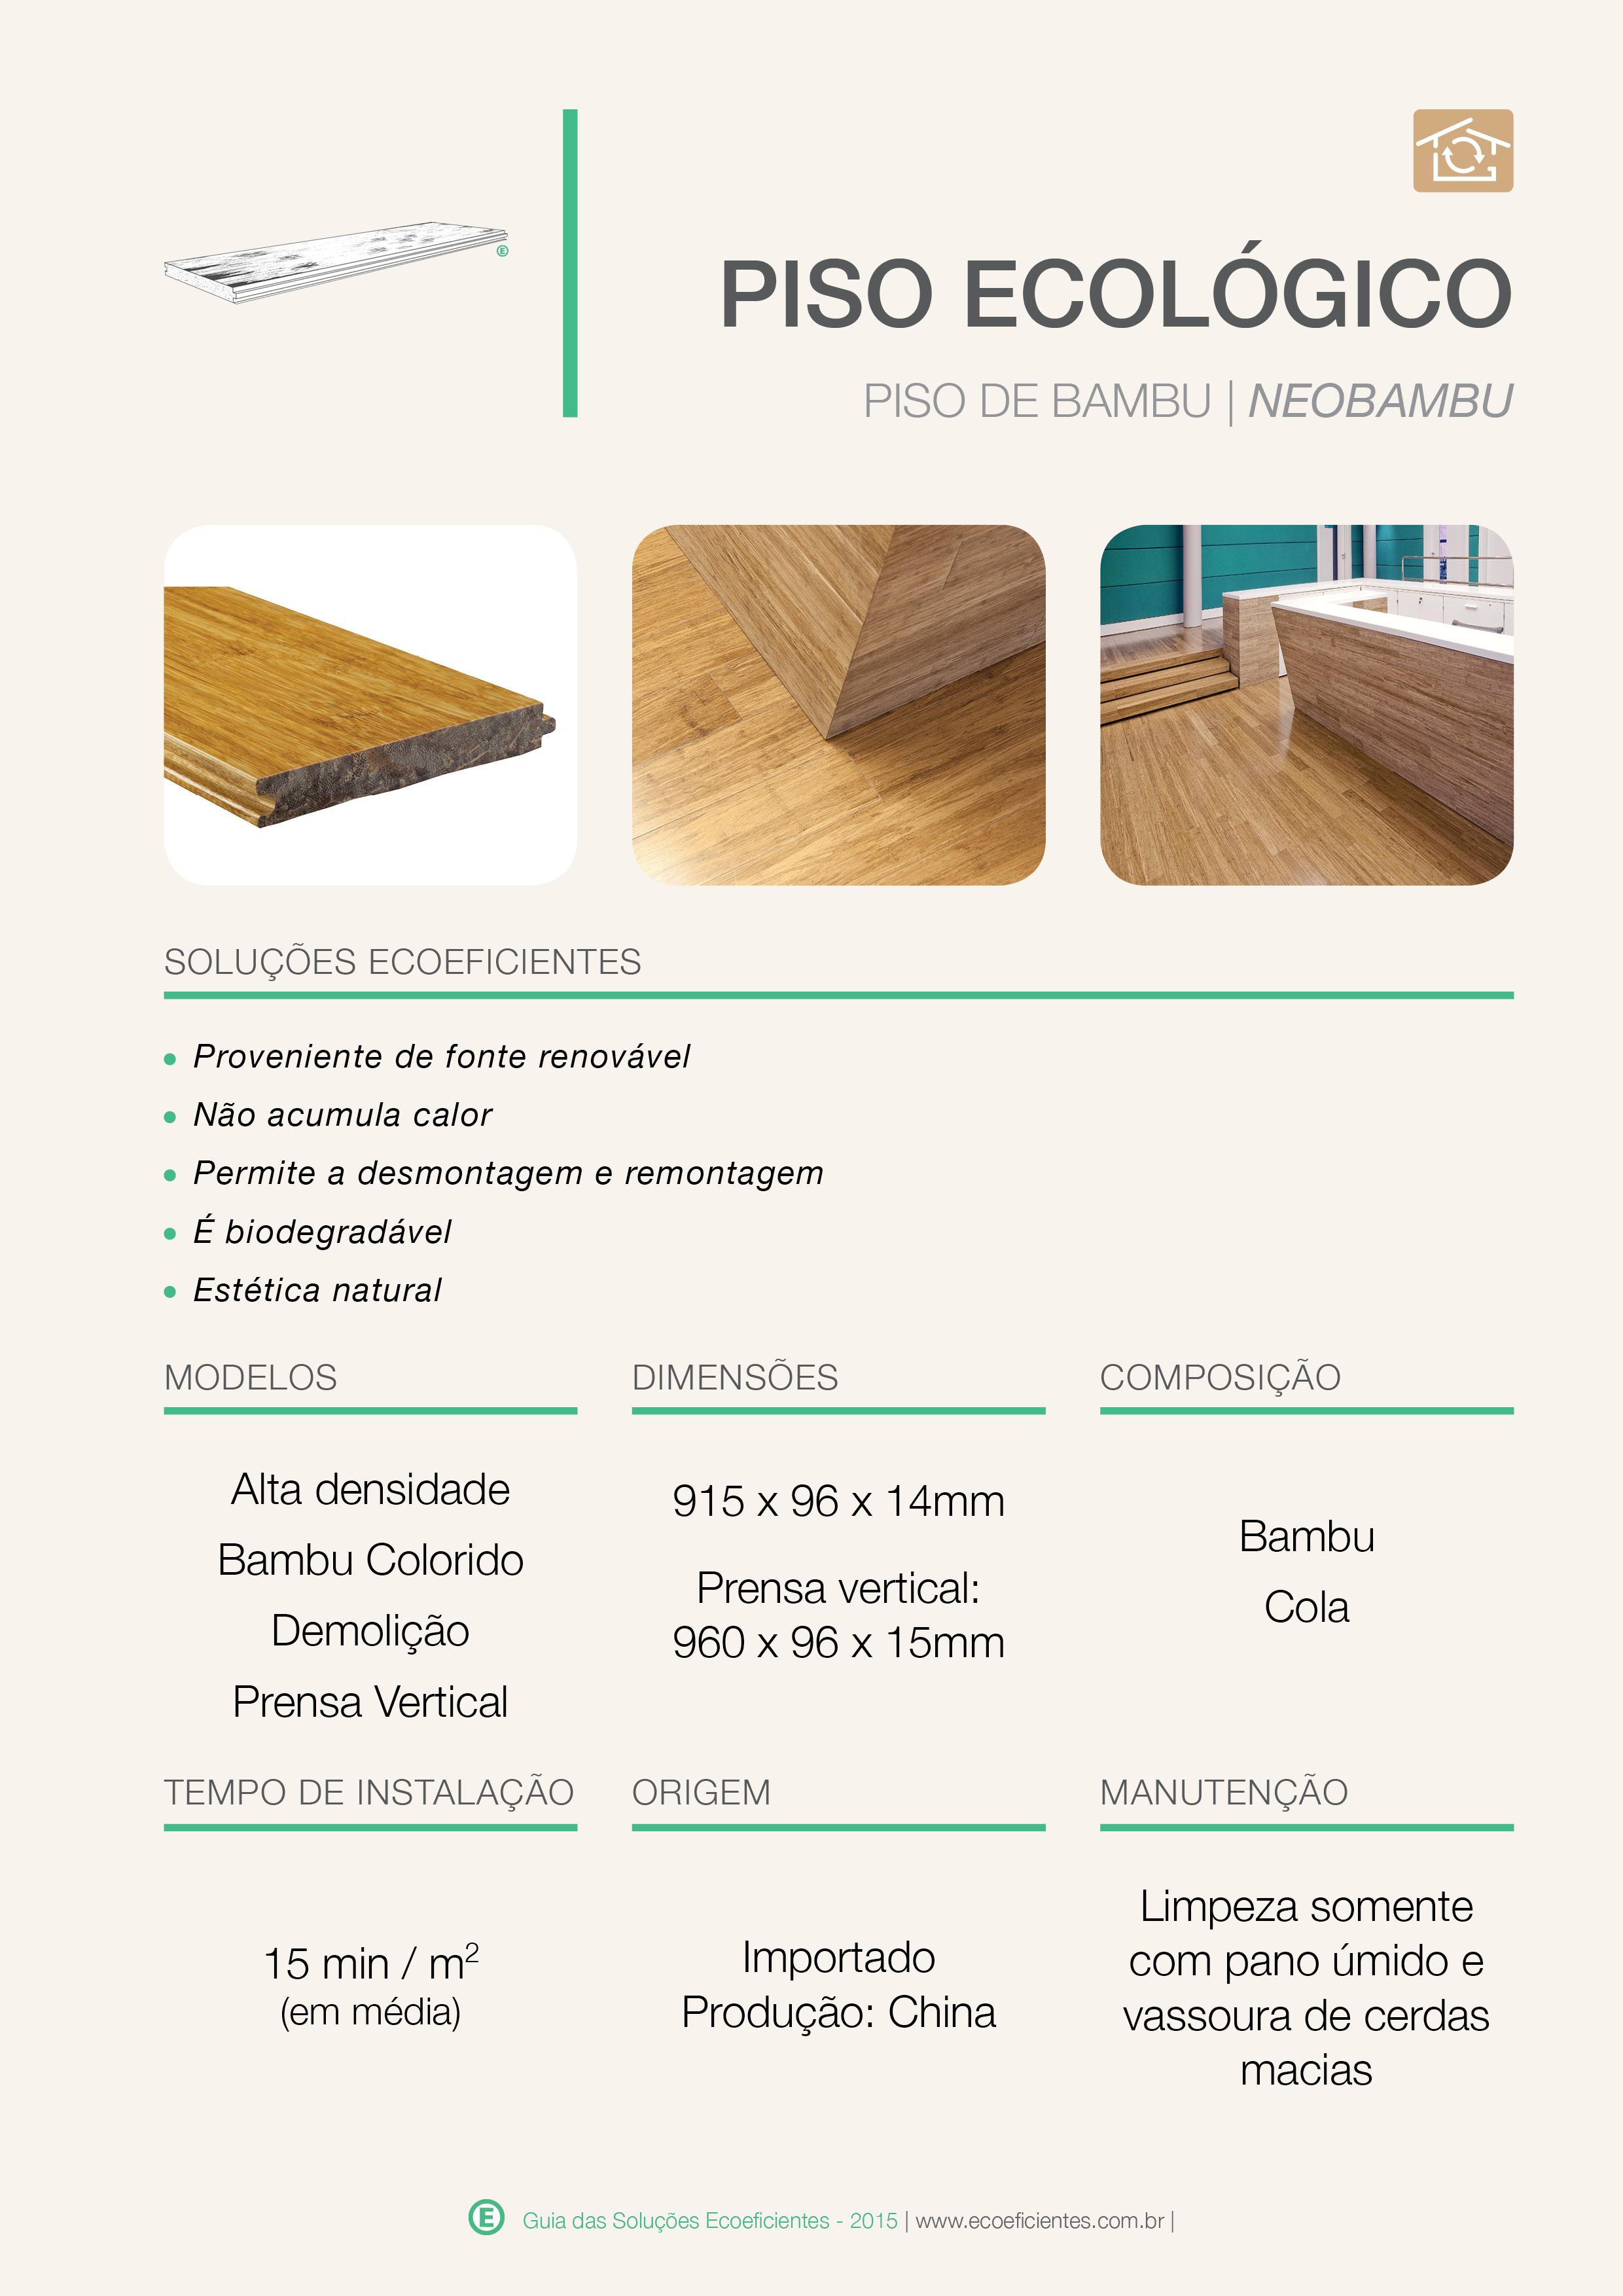 19-piso-ecologico-piso-de-bambu-neobambu